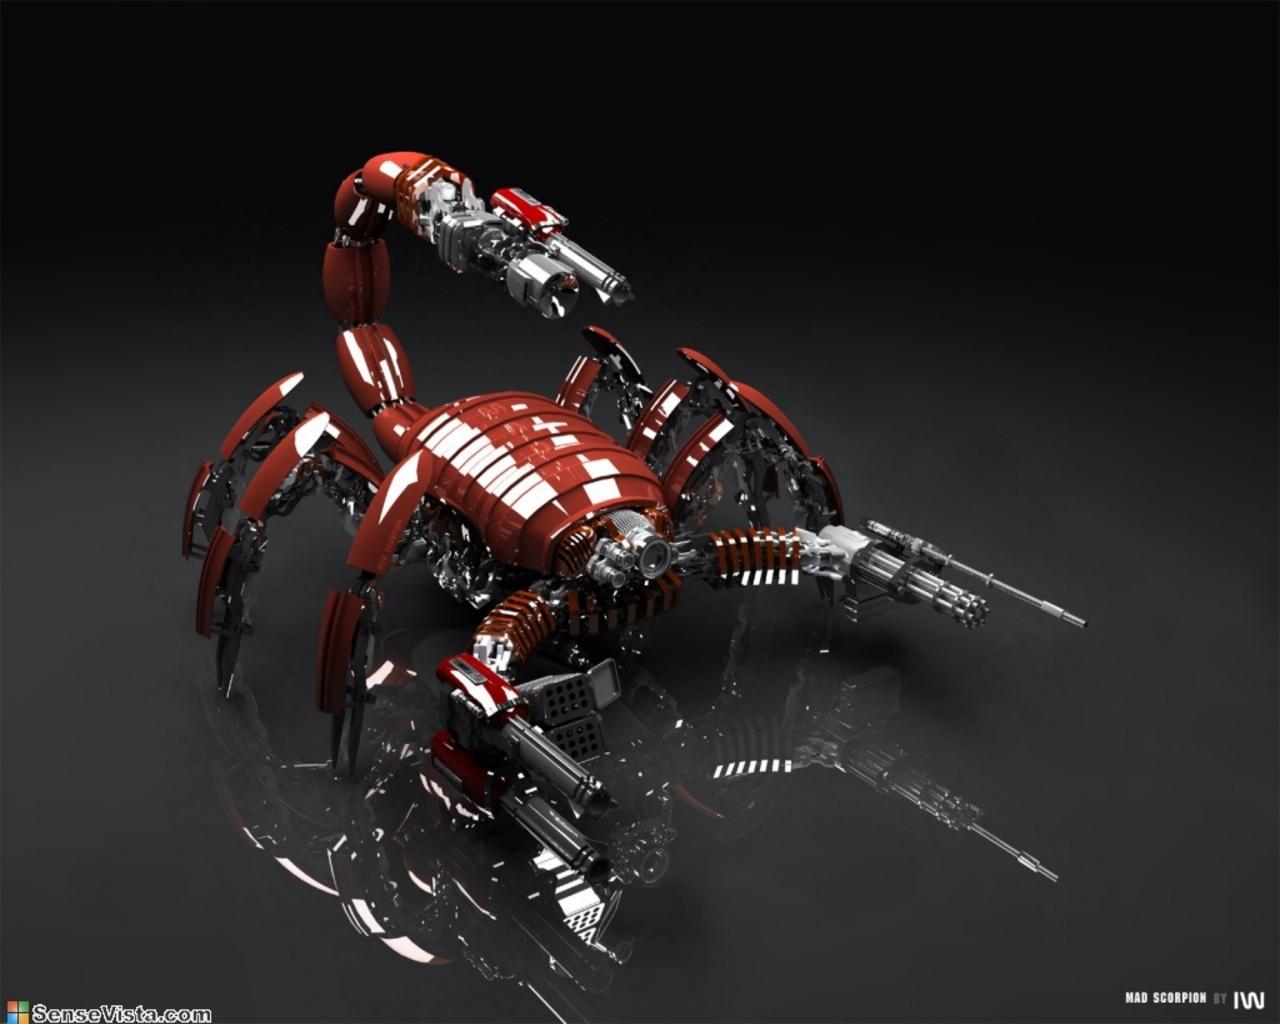 http://4.bp.blogspot.com/_14grgzfQGYA/TO-RXalZmxI/AAAAAAAACGk/E2IQukE482Q/s1600/scorpion-robot-hd-wallpaper.jpg